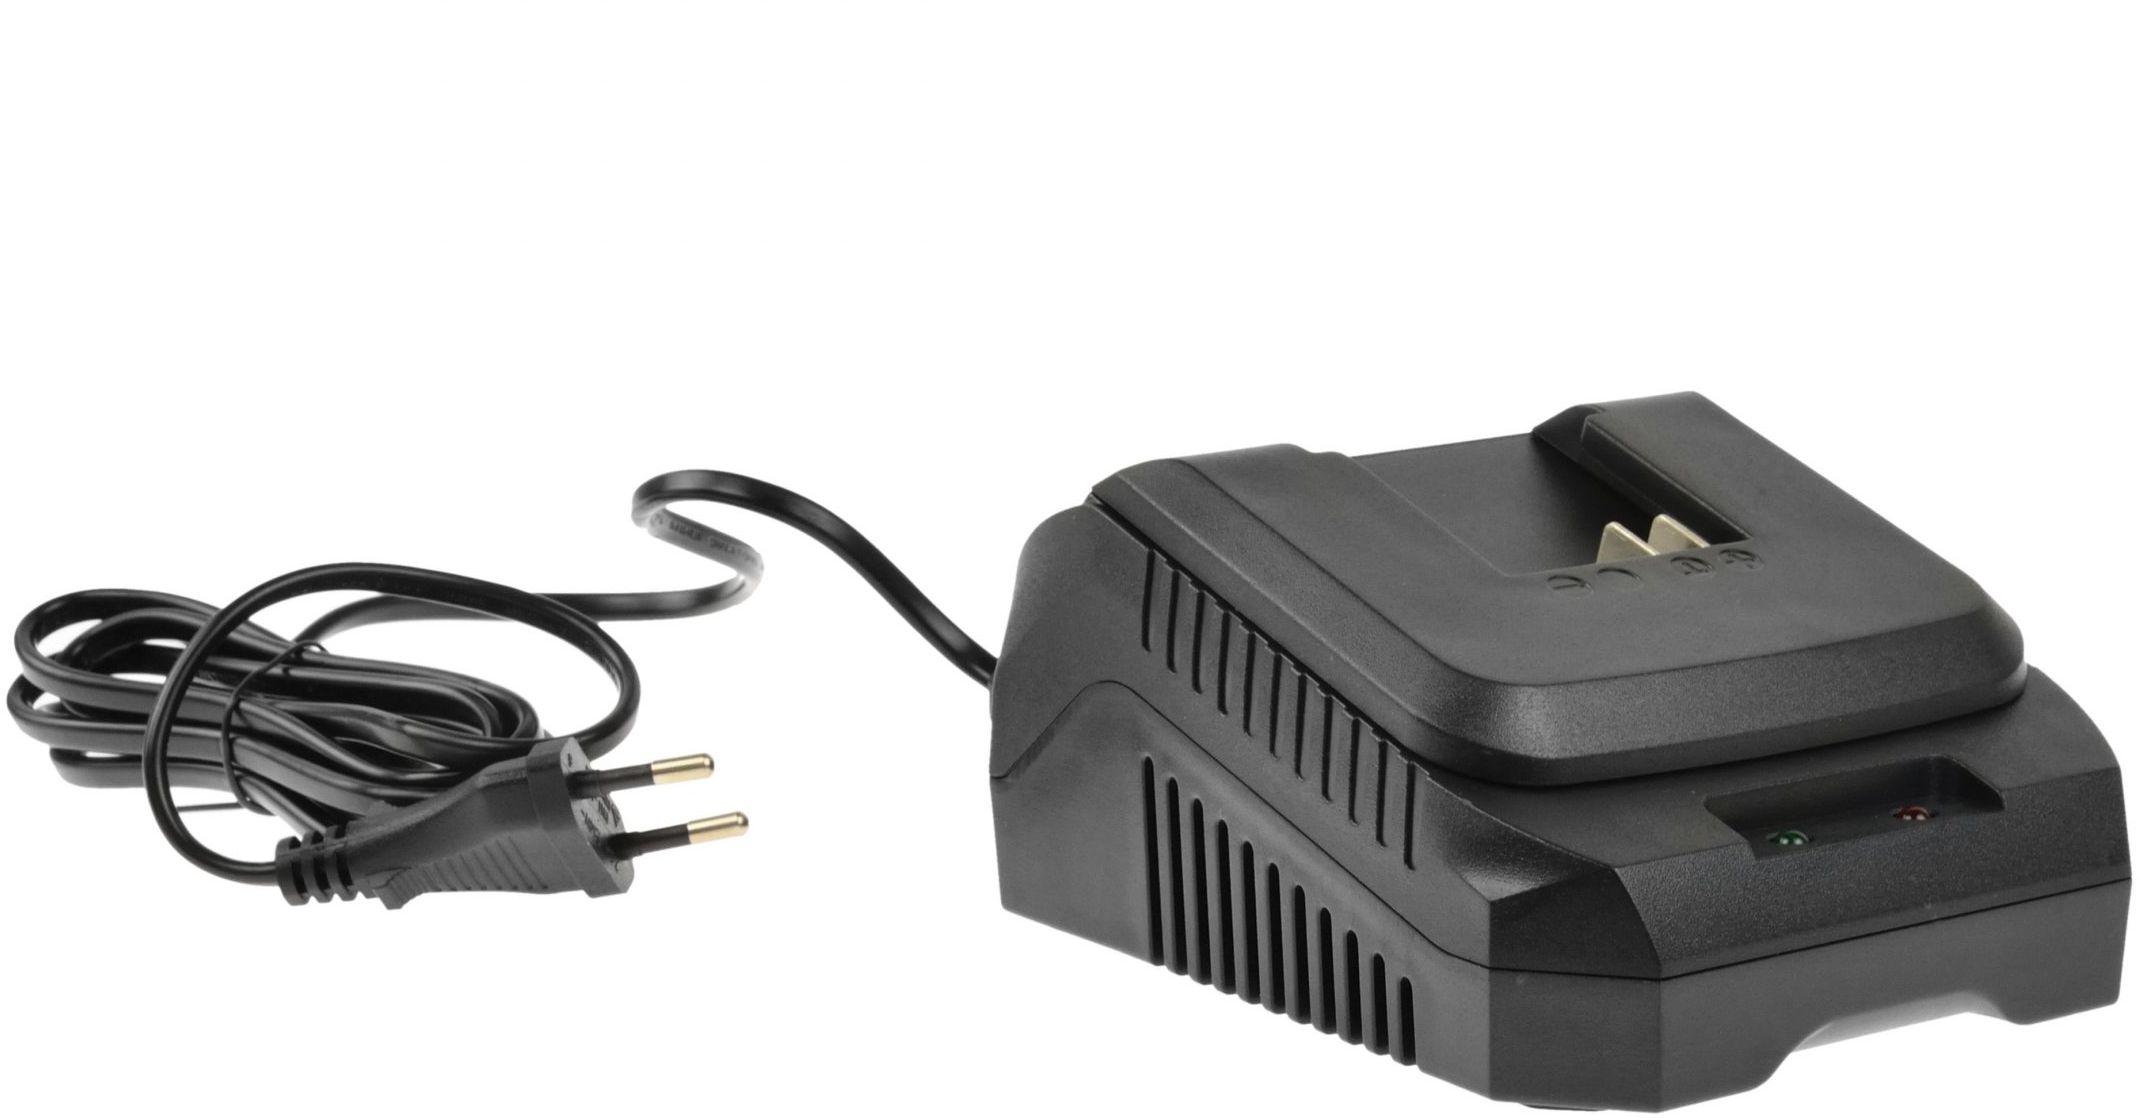 Ładowarka do akumulatorów Li-ion 18V Szybka (G80602)